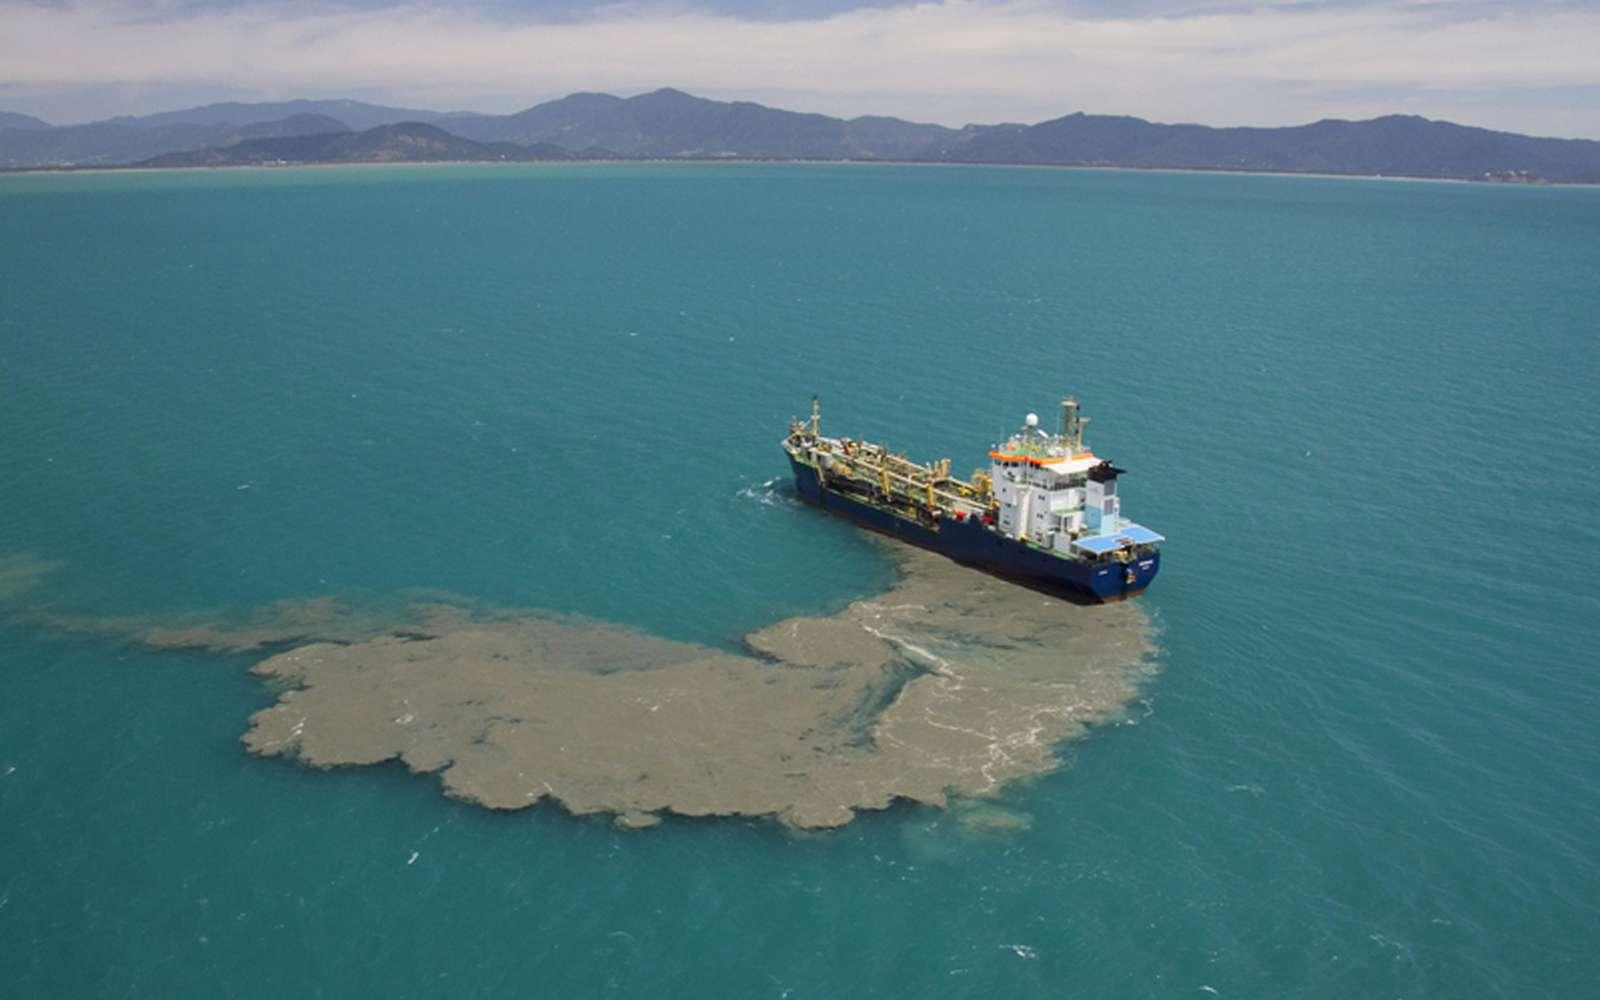 Le dégazage est l'une des pratiques contribuant à la détérioration des écosystèmes marins. © Xanthe Rivett, CAFNEC, WWF-Aus